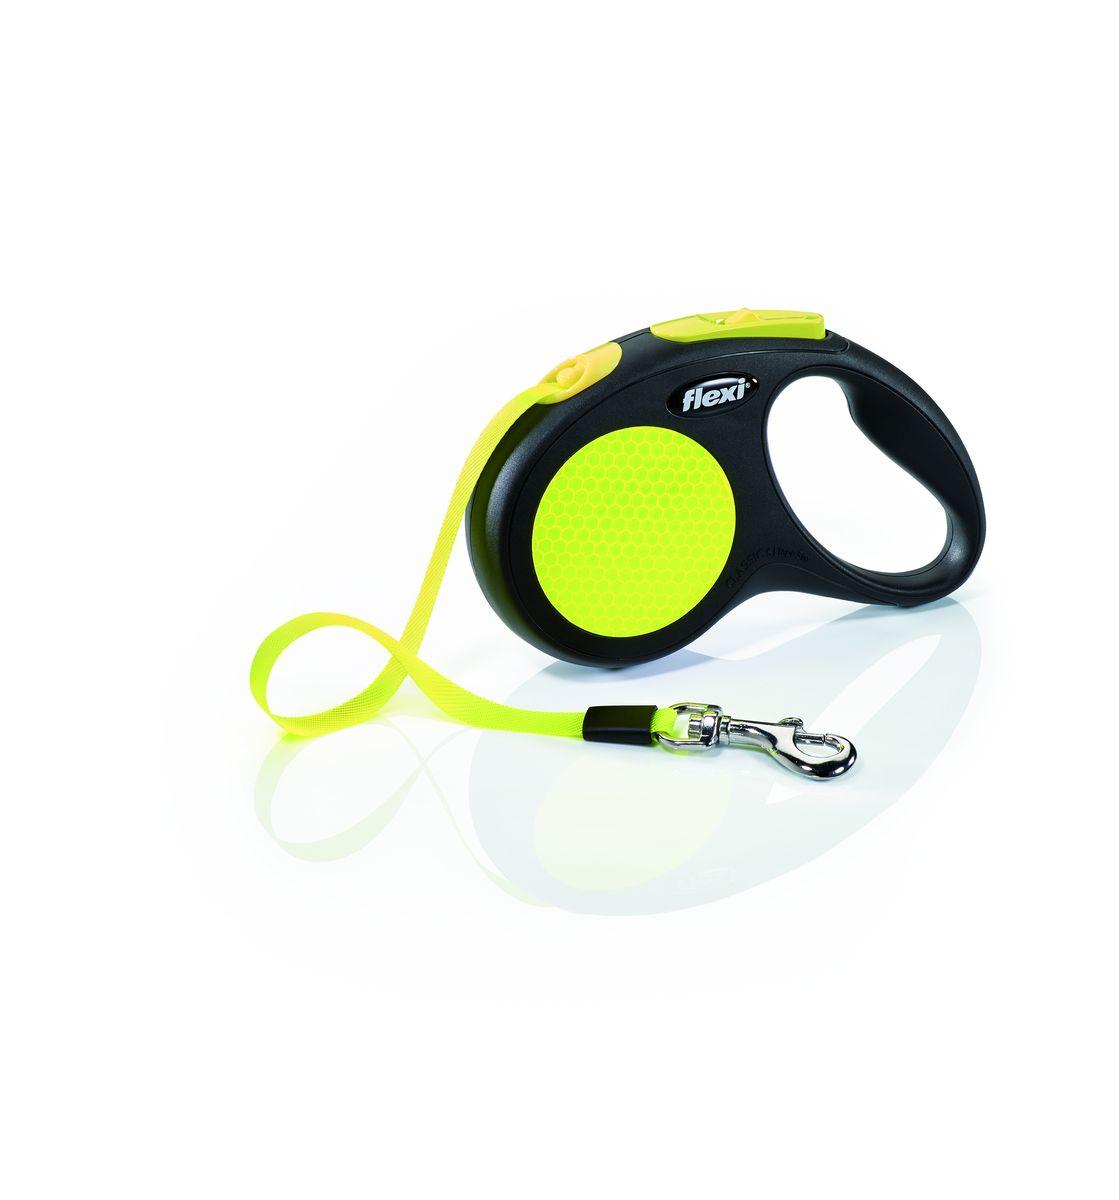 """Поводок-рулетка Flexi """"Neon New Classic S"""", лента, для собак весом до 15 кг, 5 м"""